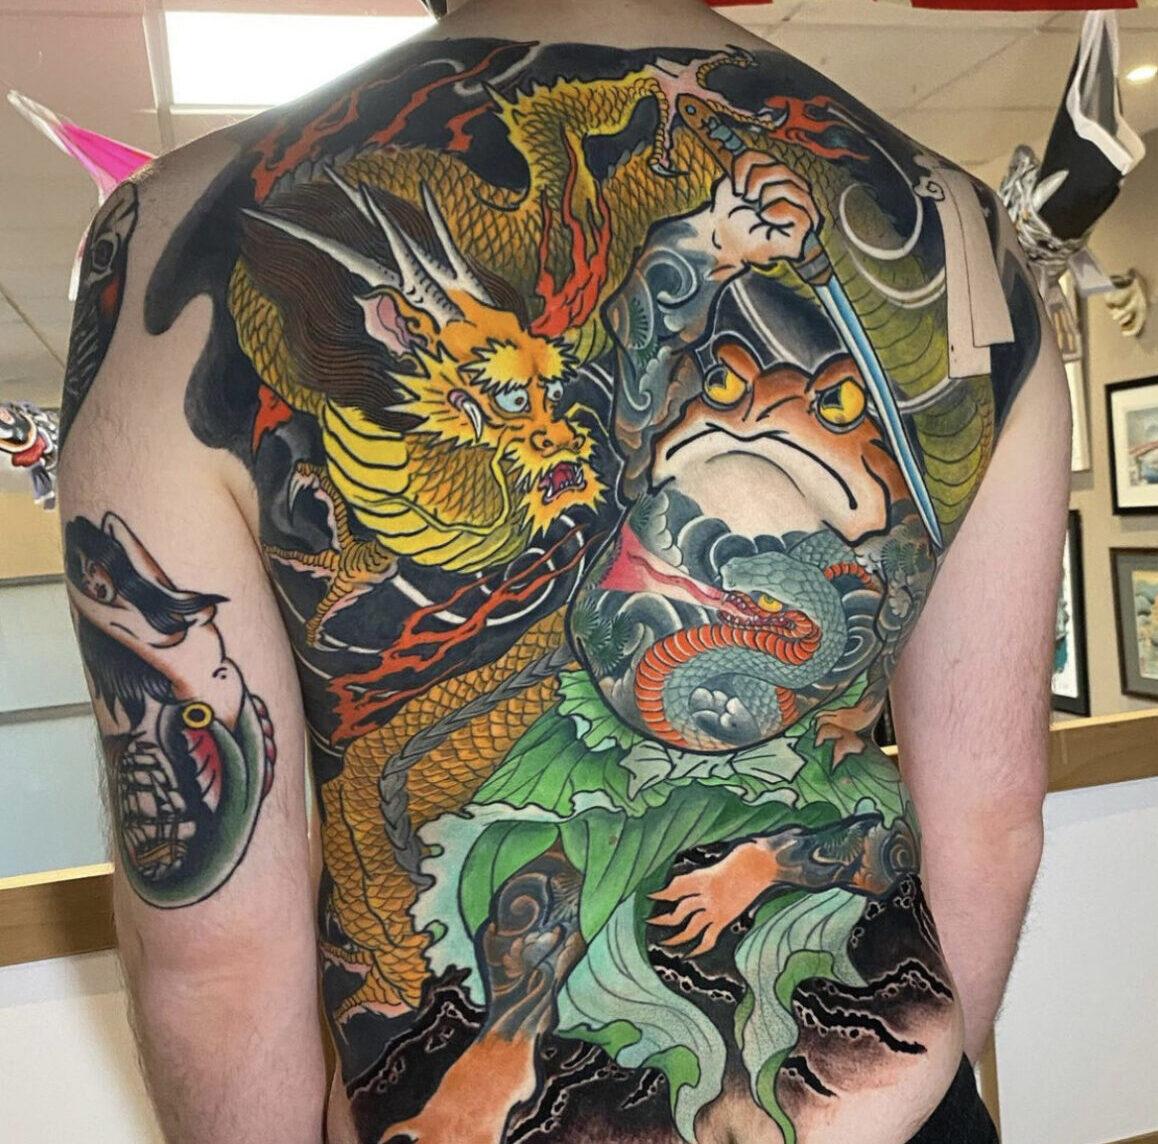 Jee Sayalero, Humanfly Tattoo, Madrid, Spain